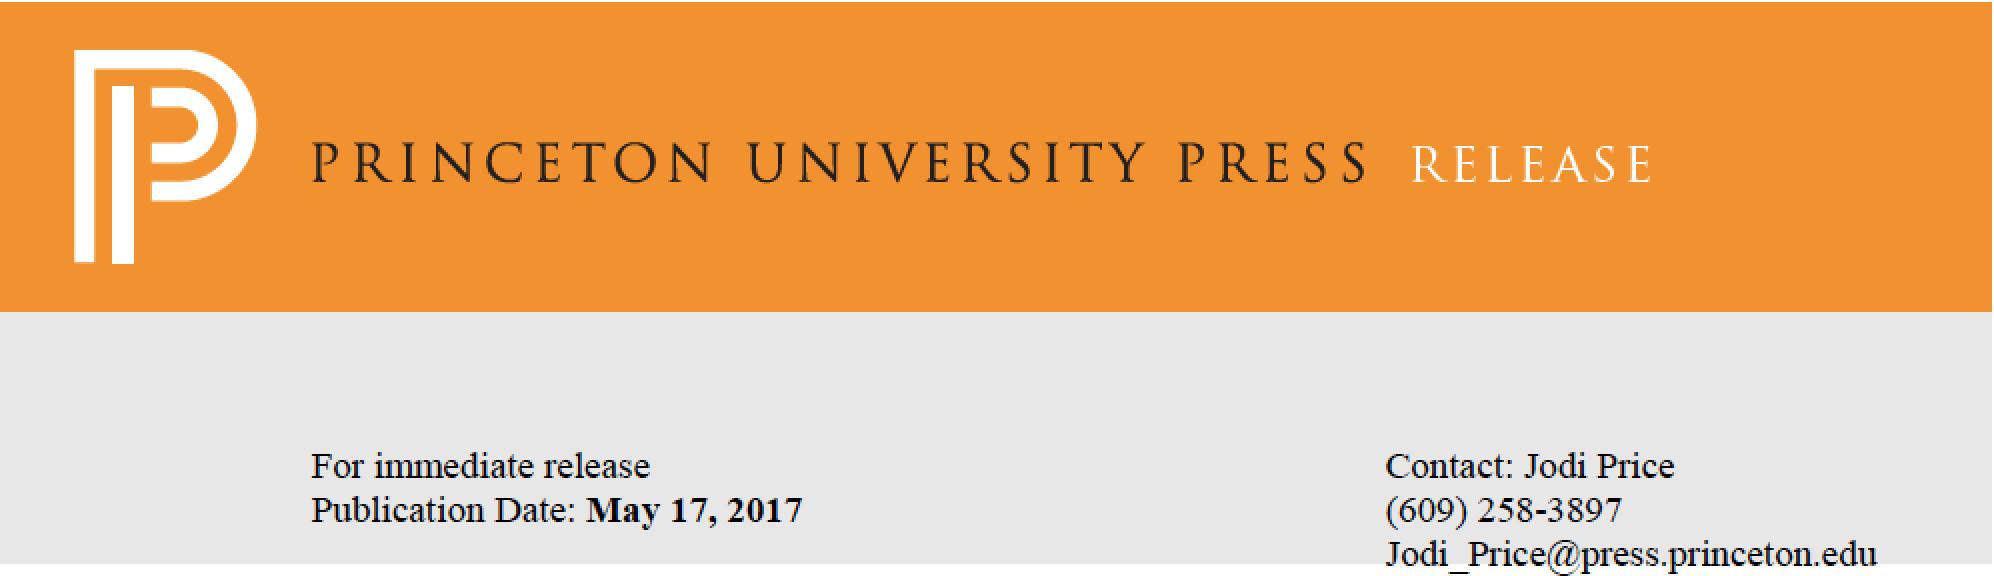 Princeton University Press Release